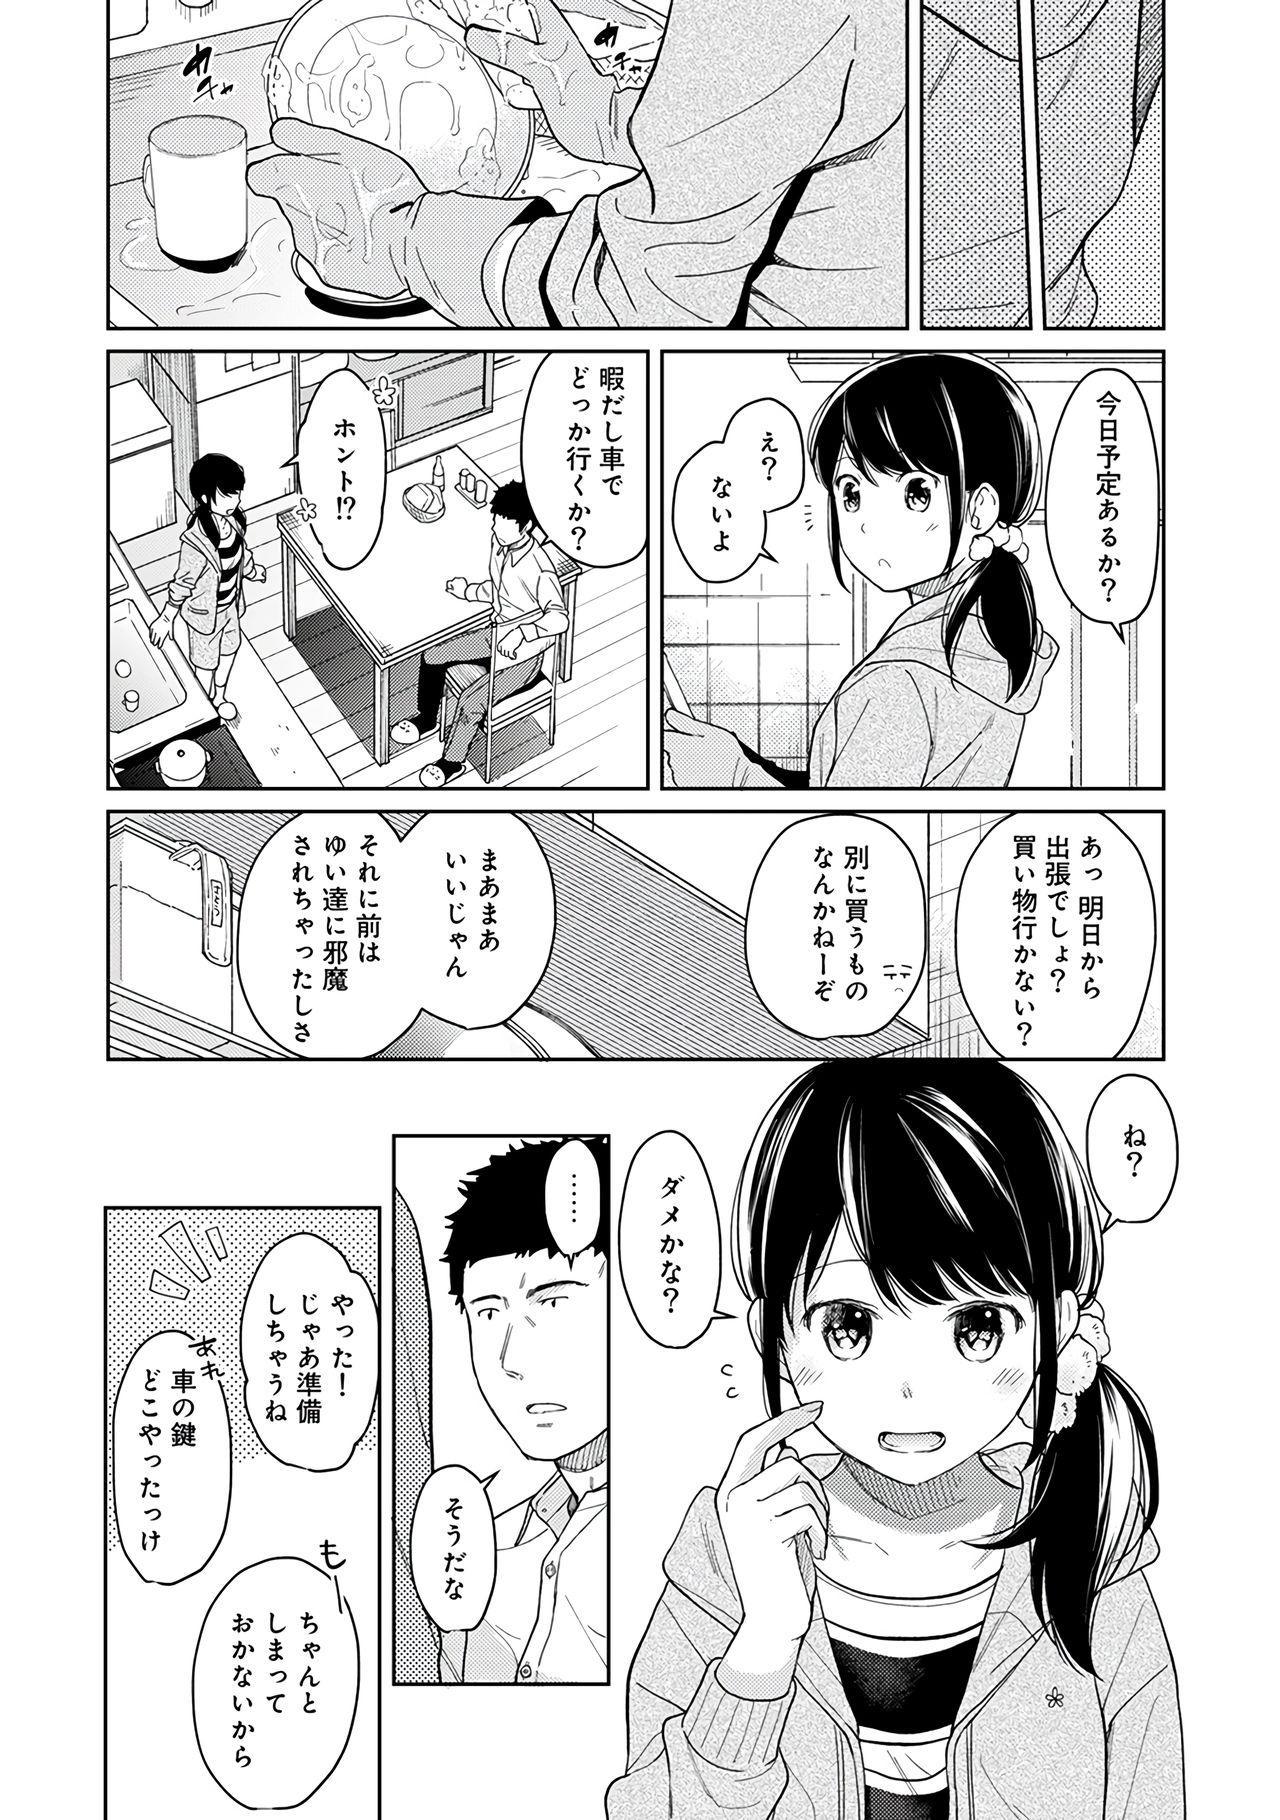 1LDK+JK Ikinari Doukyo? Micchaku!? Hatsu Ecchi!!? Vol.2 149